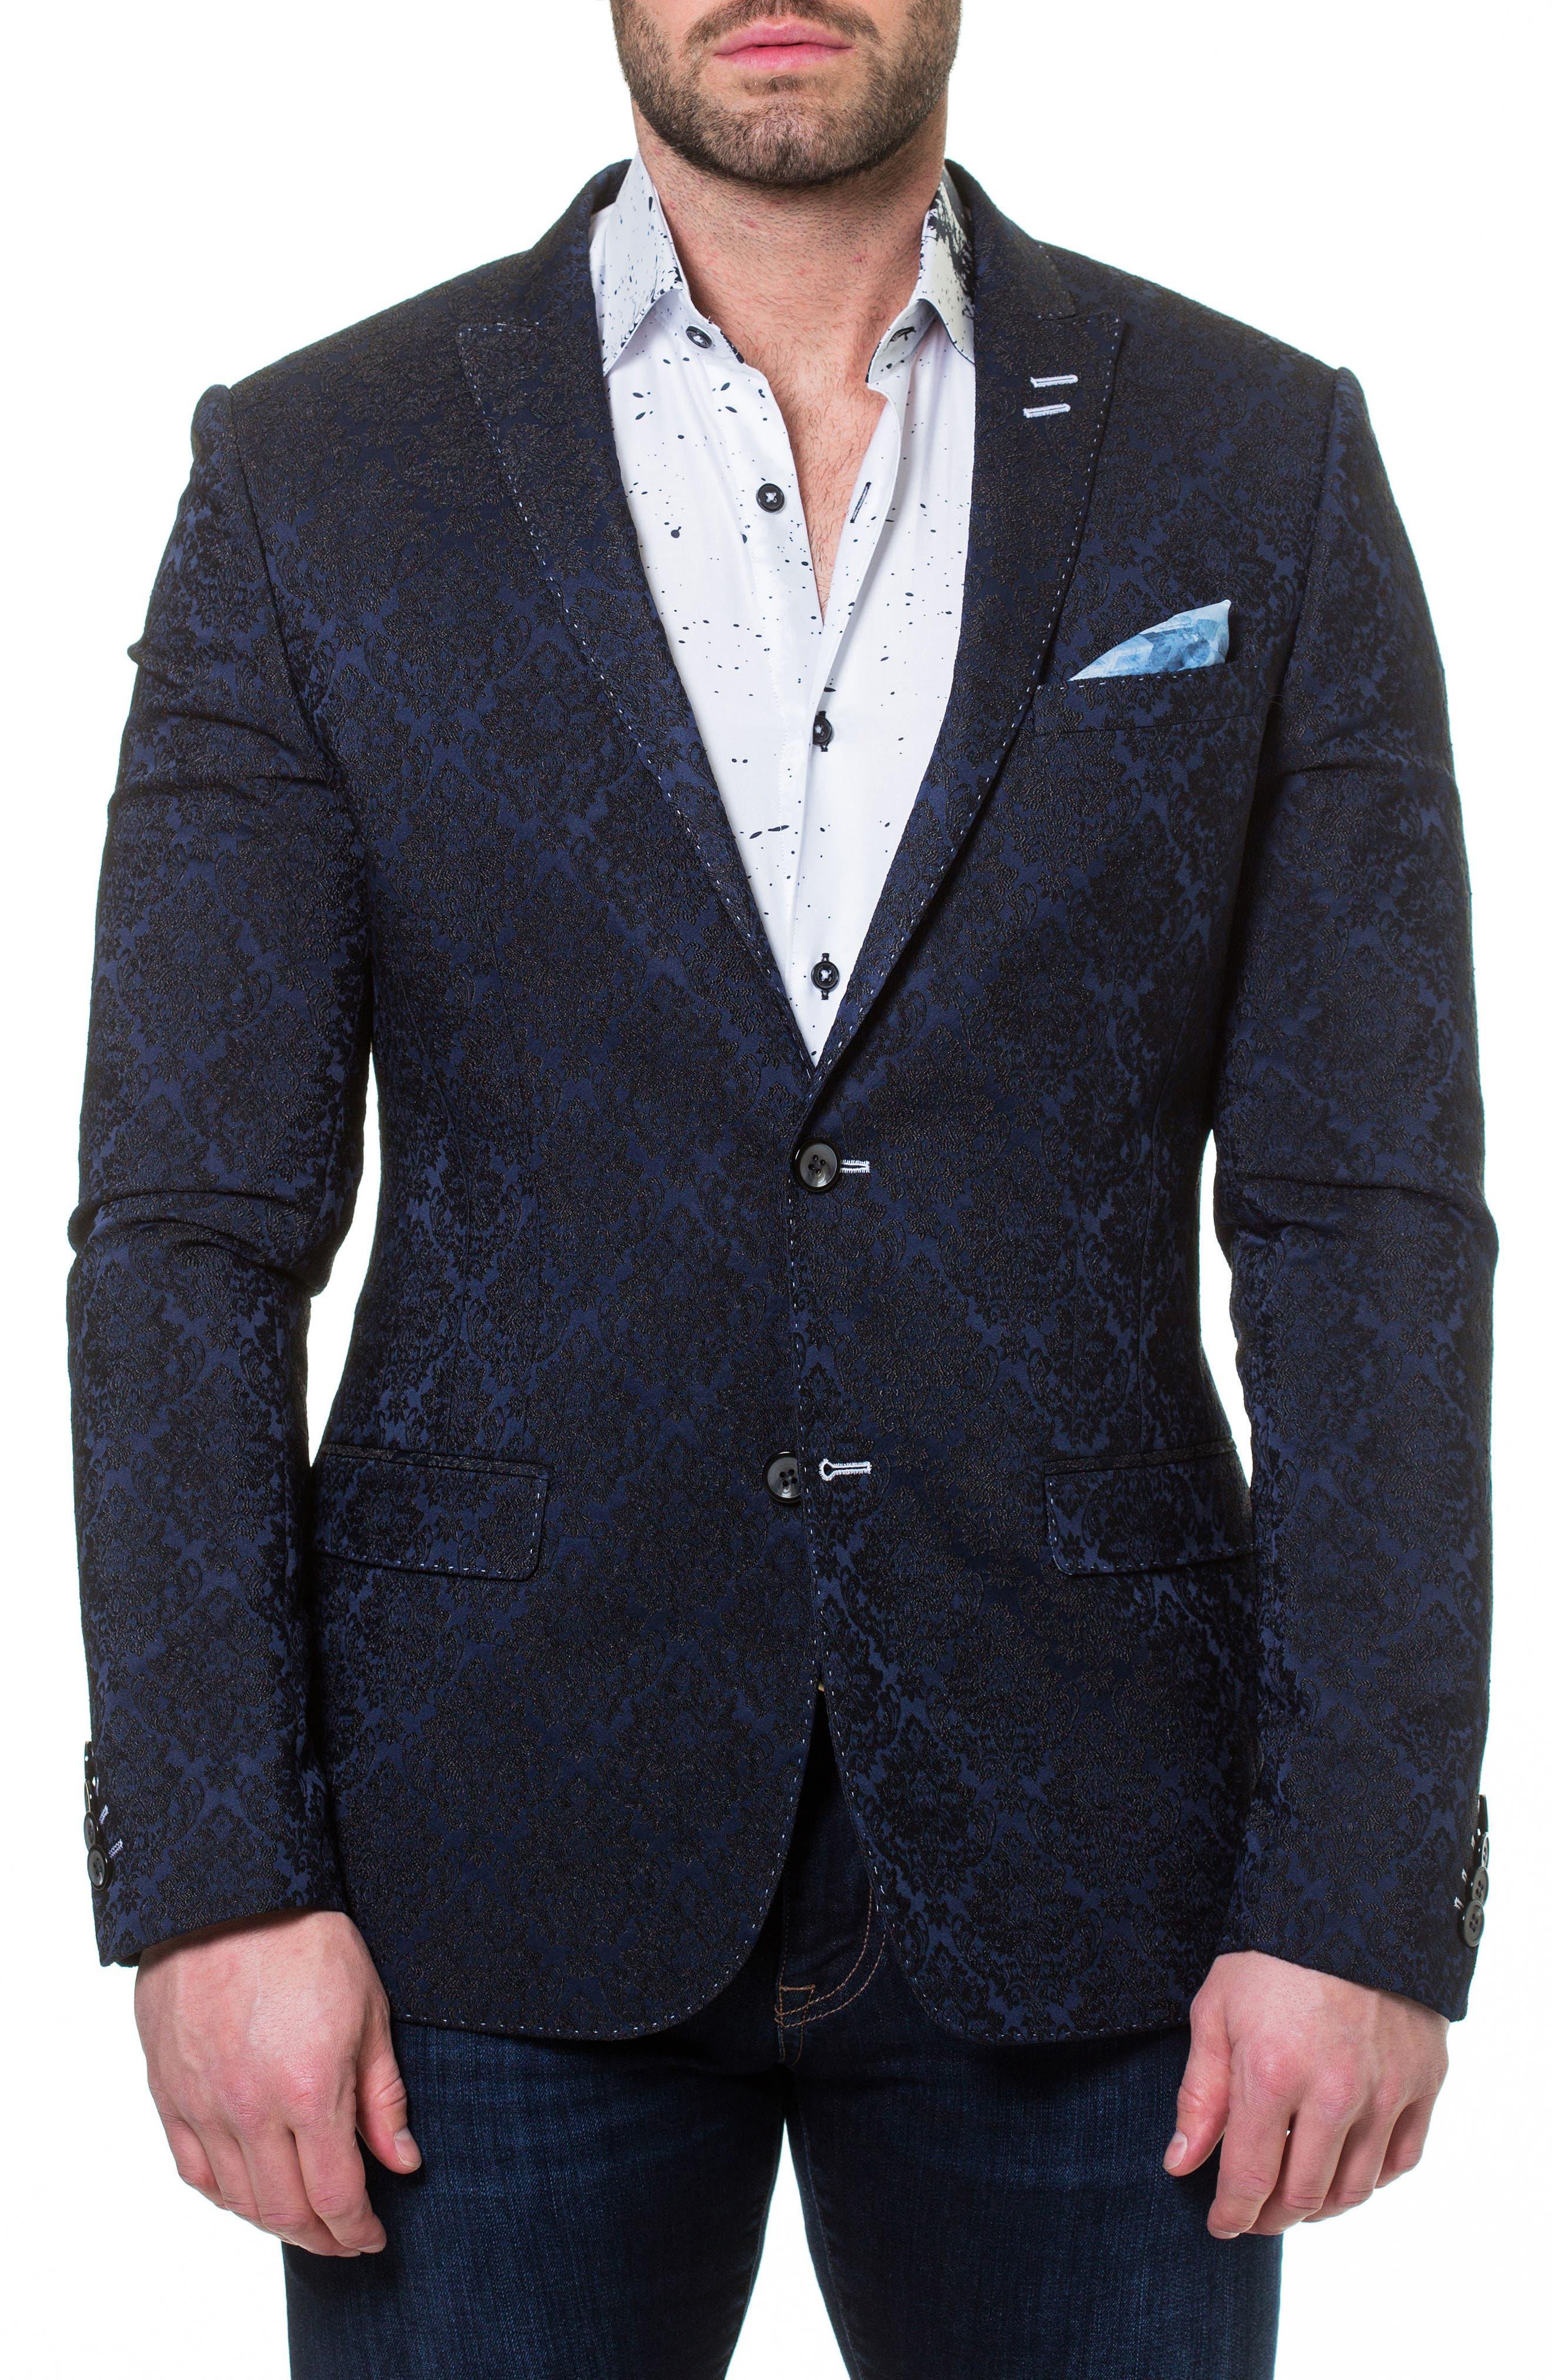 Descartes Jacquard Linen & Cotton Blend Sport Coat,                         Main,                         color, Blue